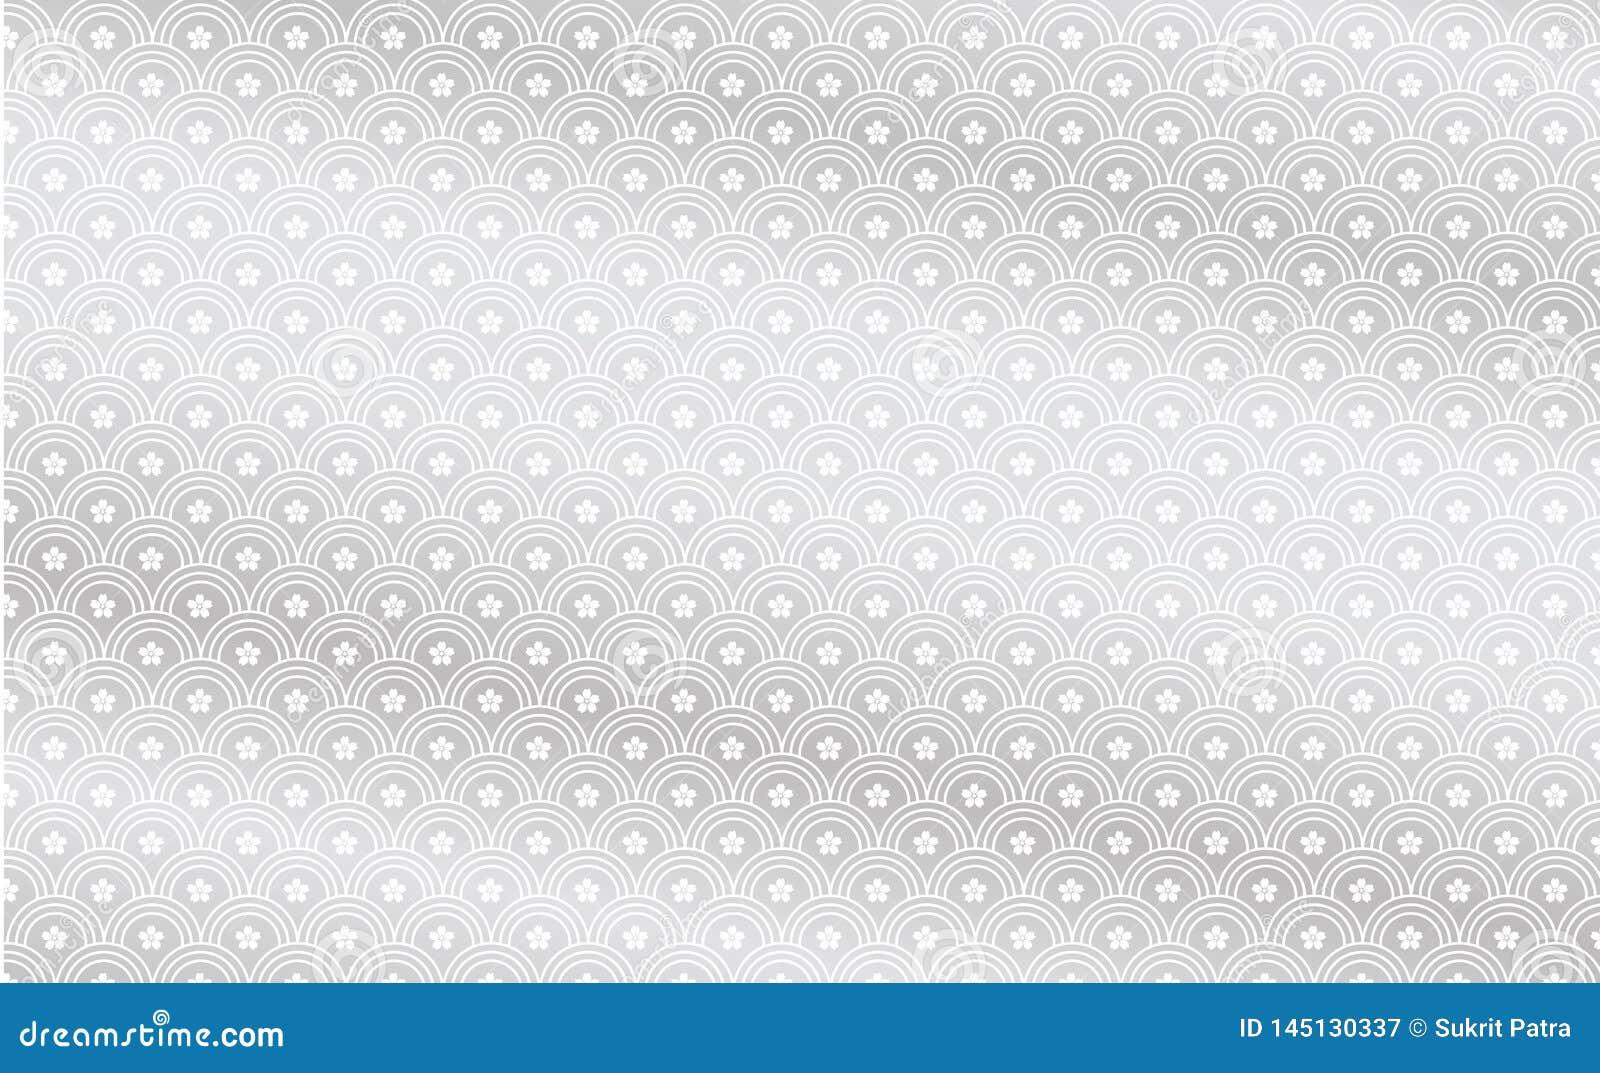 Het gelijkaardige patroon als achtergrond, vissenschalen is grijs en heeft weerspiegelende fFishschalen is grijs, wit en heeft bl